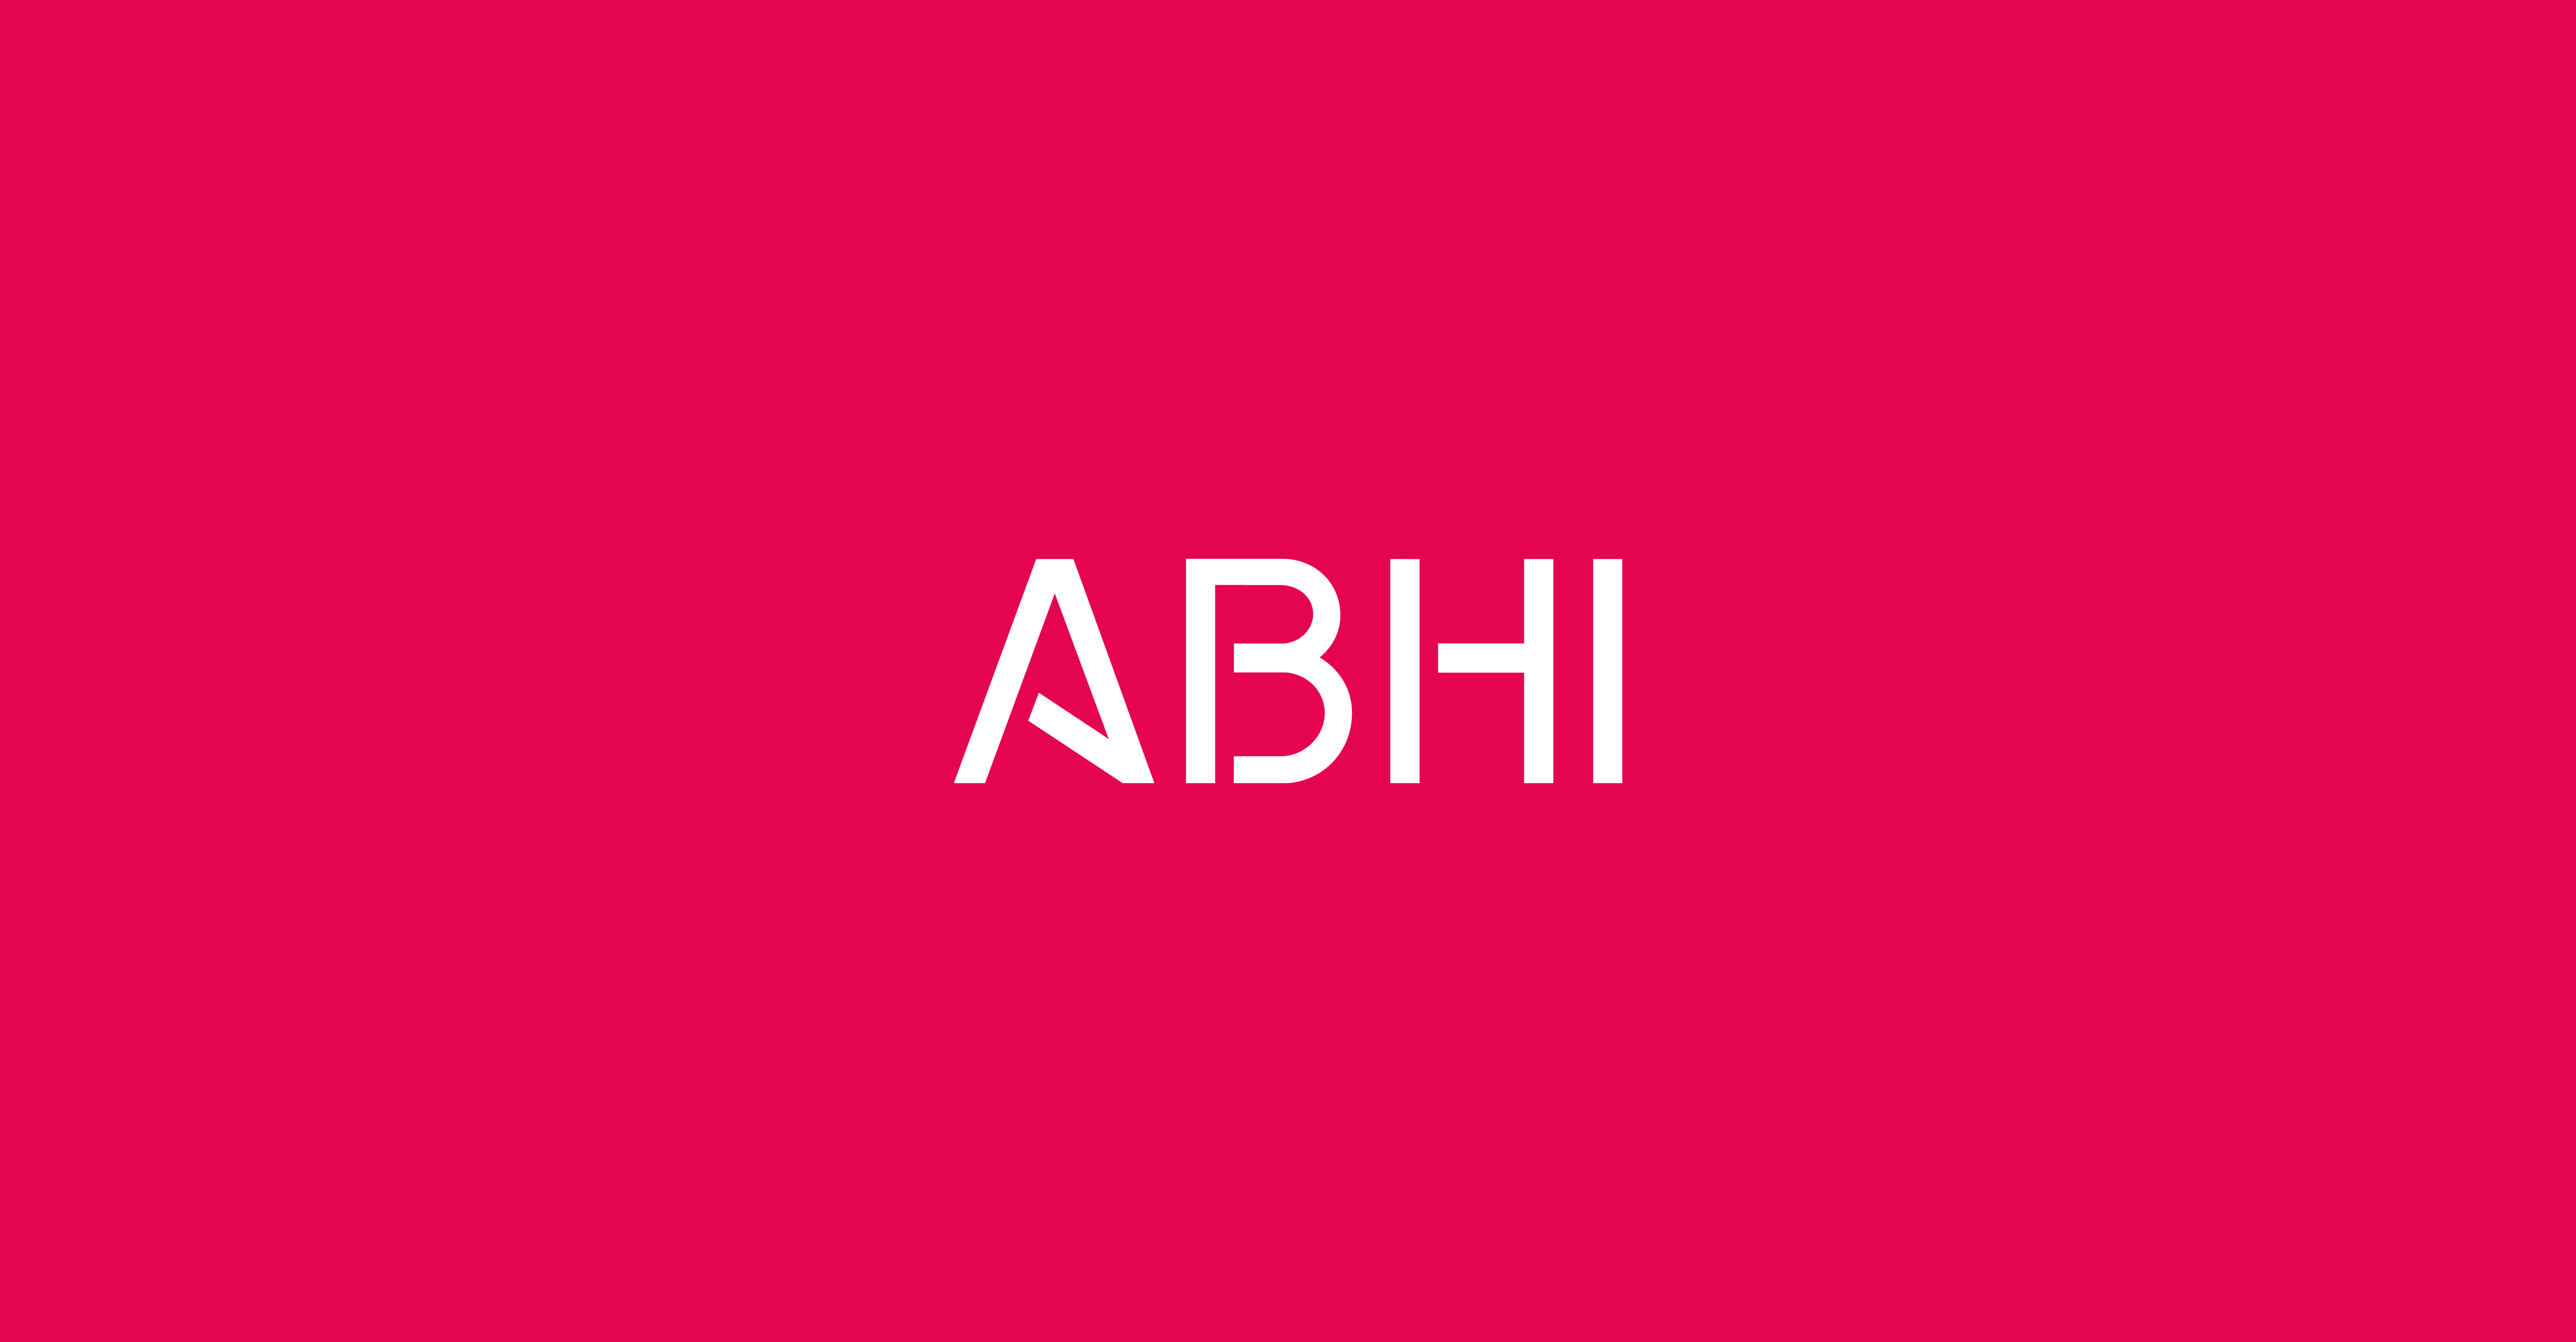 abhi-featured